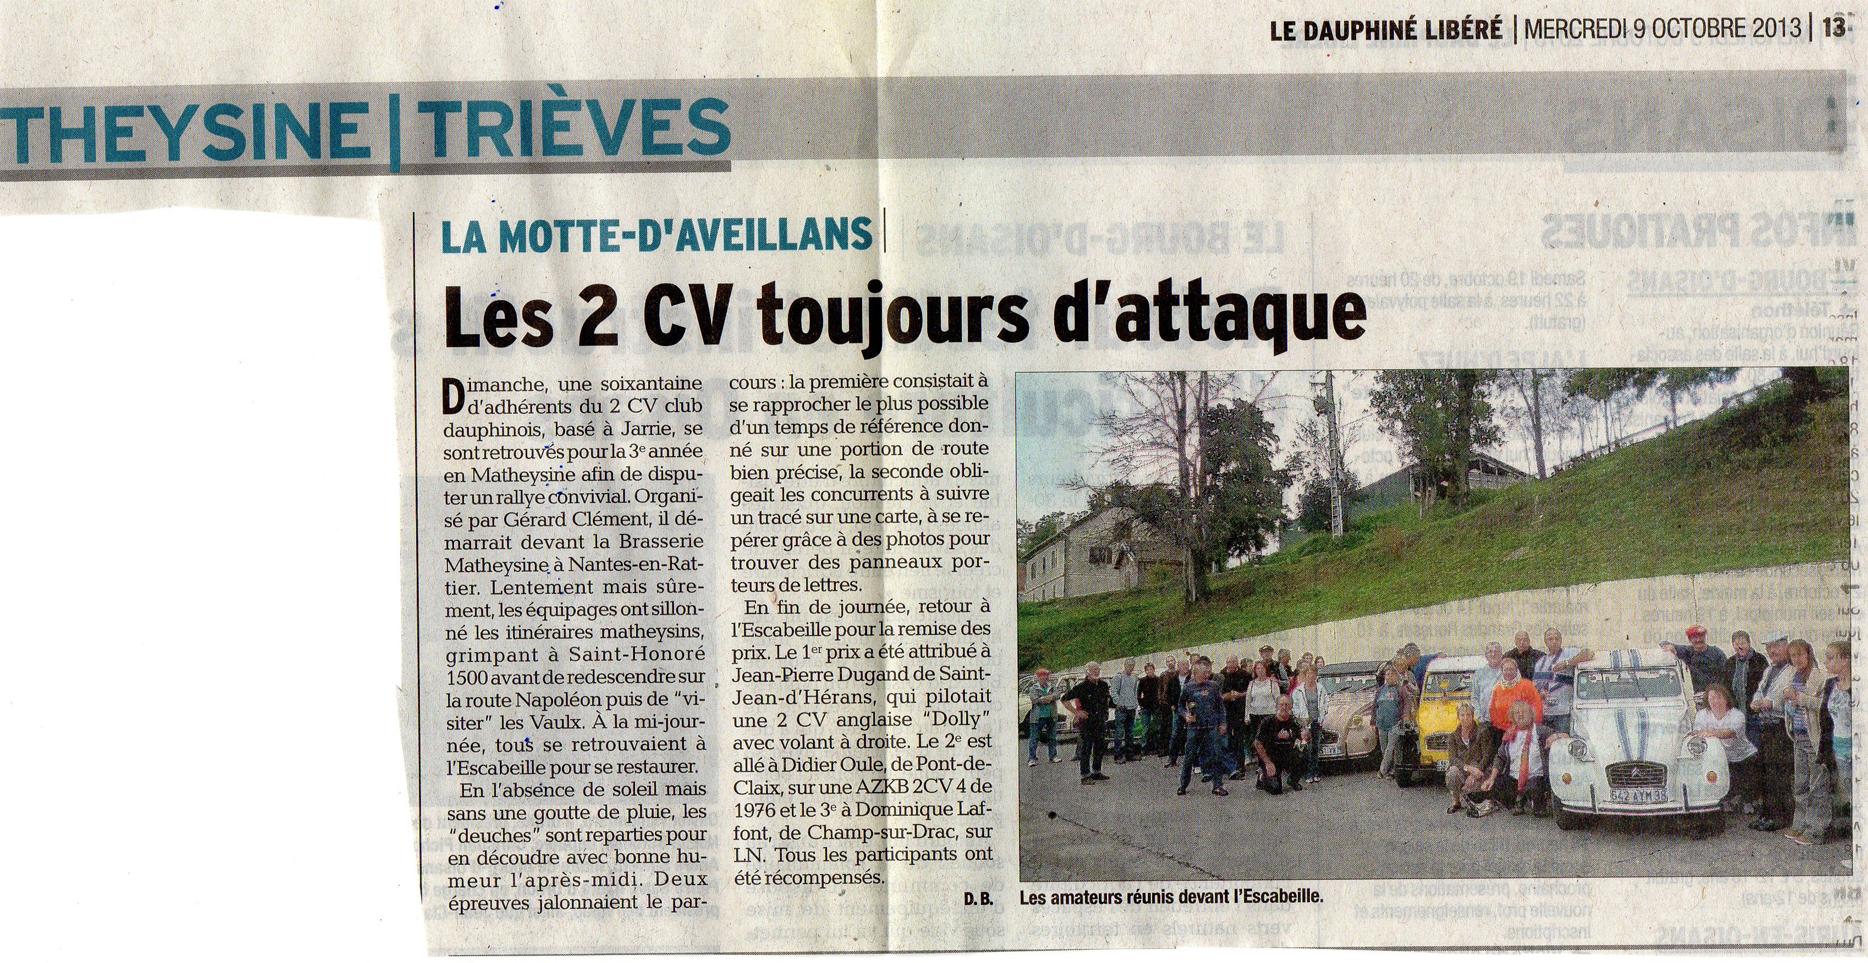 Le Dauphiné Libéré du 7 octobre 2013